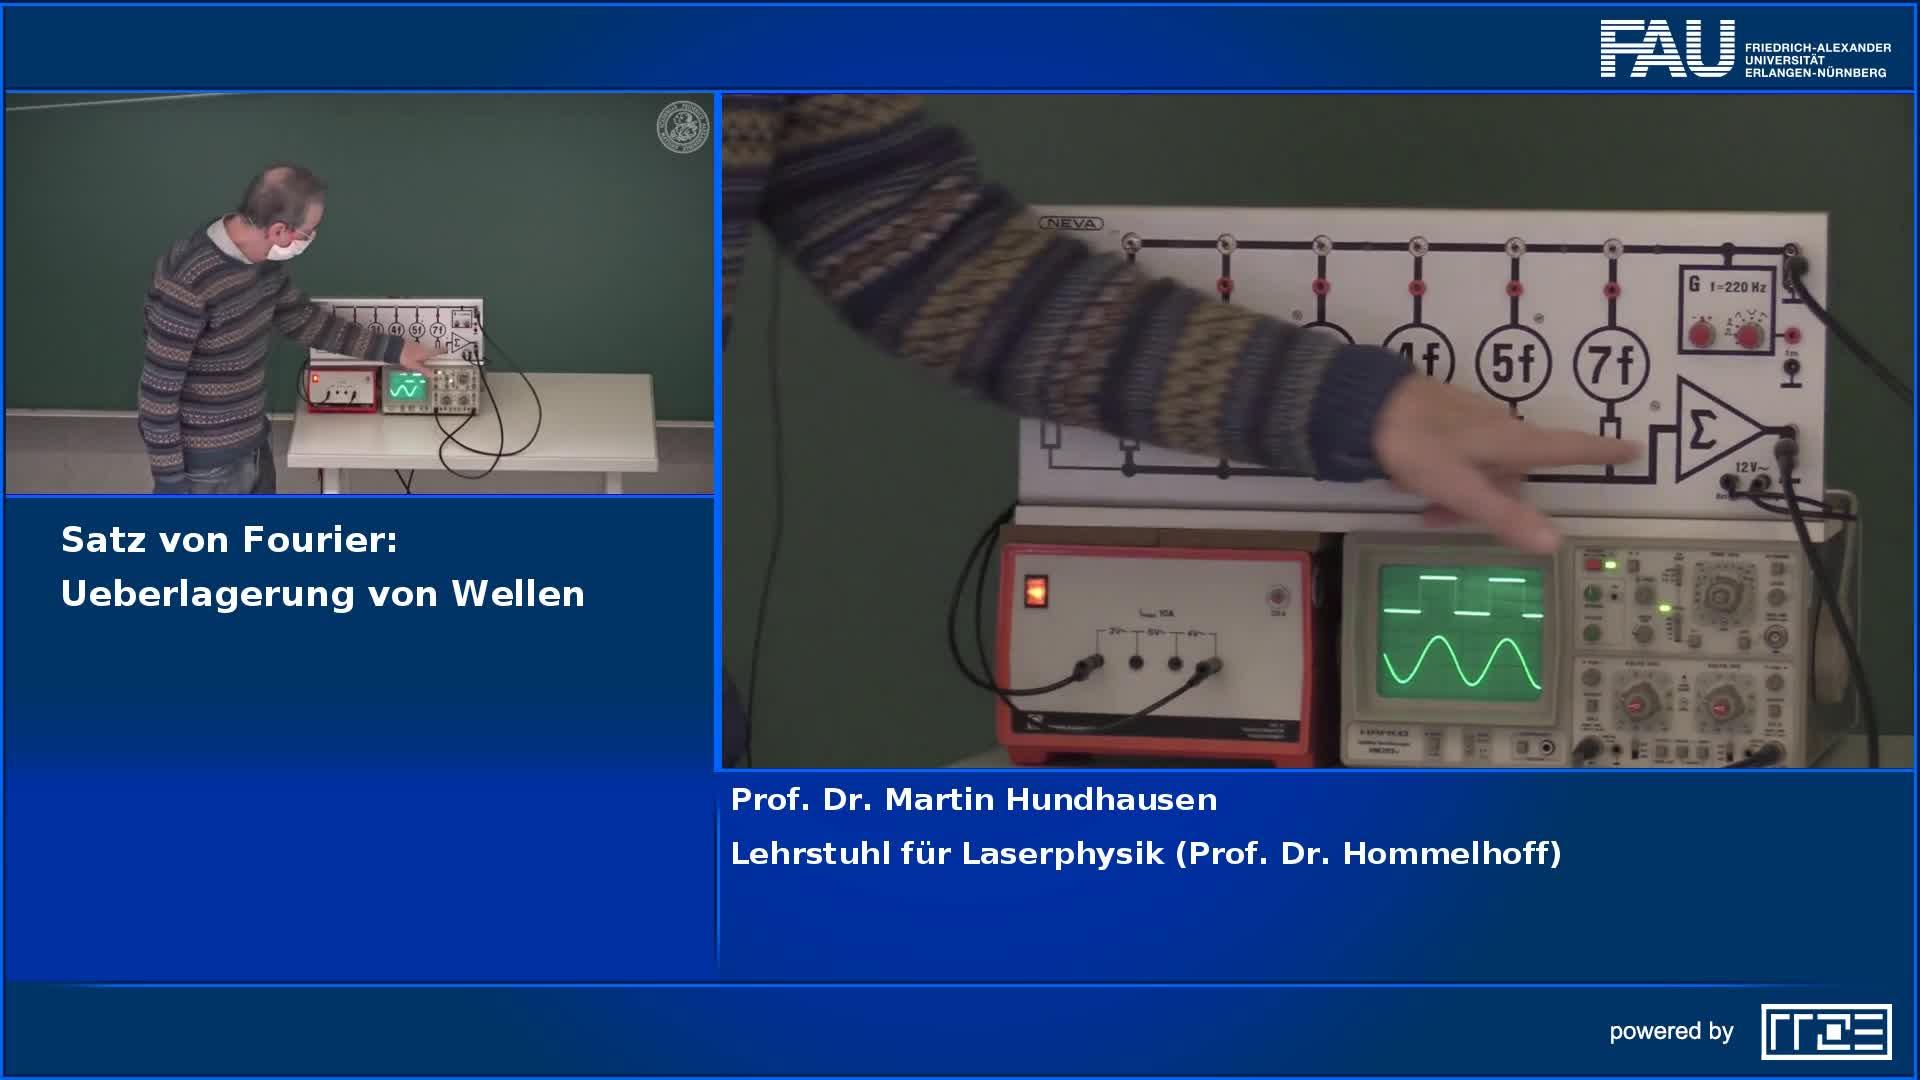 Satz von Fourier: Überlagerung von Wellen preview image